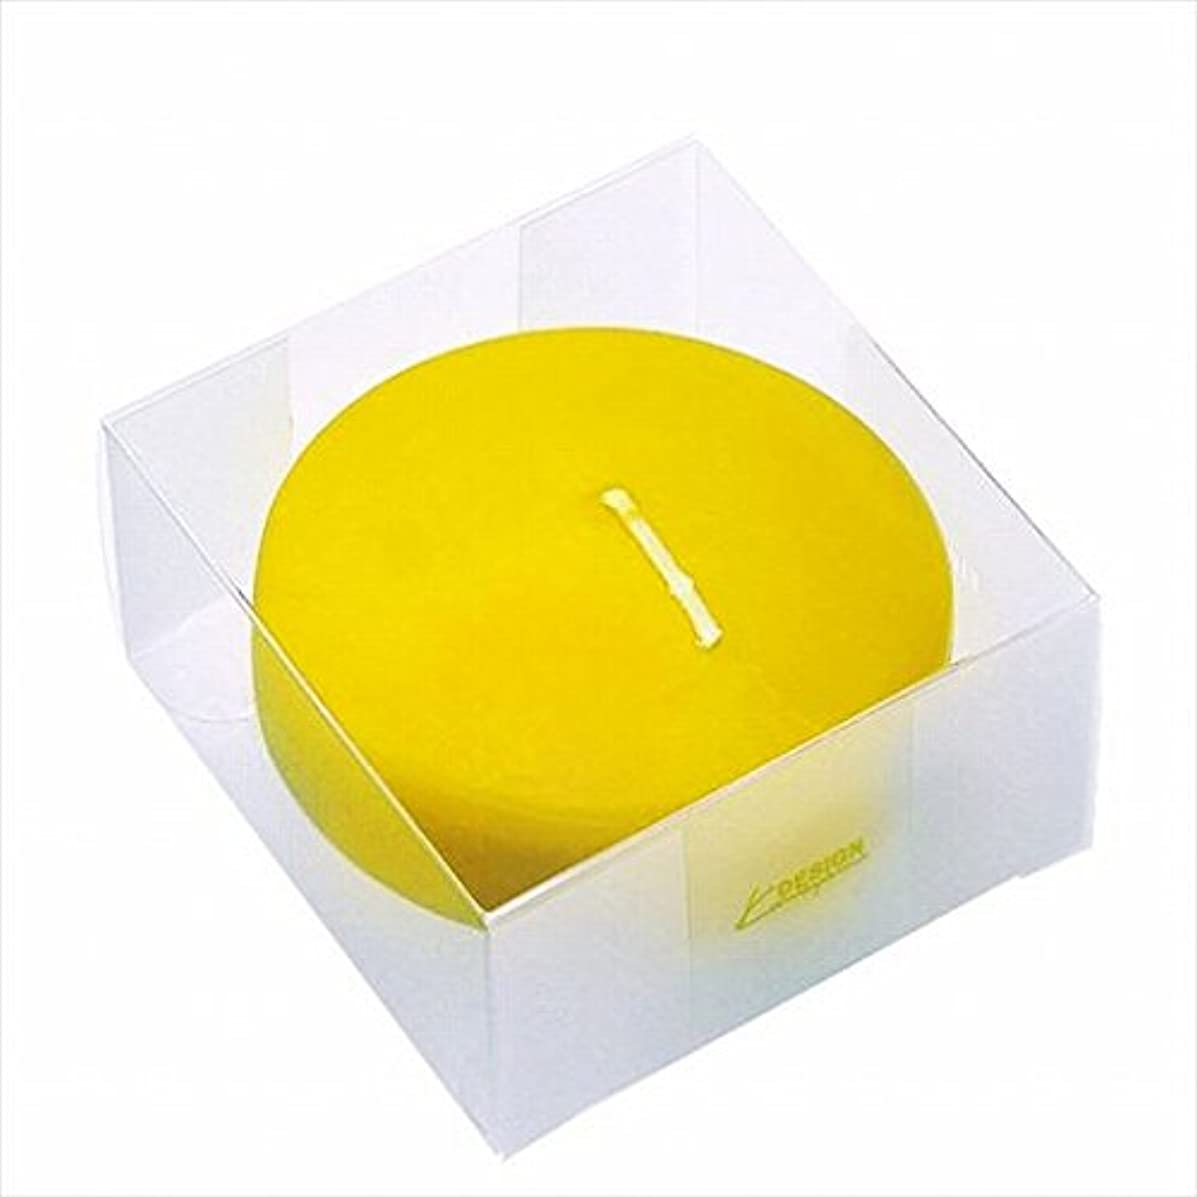 平方反映する牧師カメヤマキャンドル(kameyama candle) プール80(箱入り) 「 サン 」